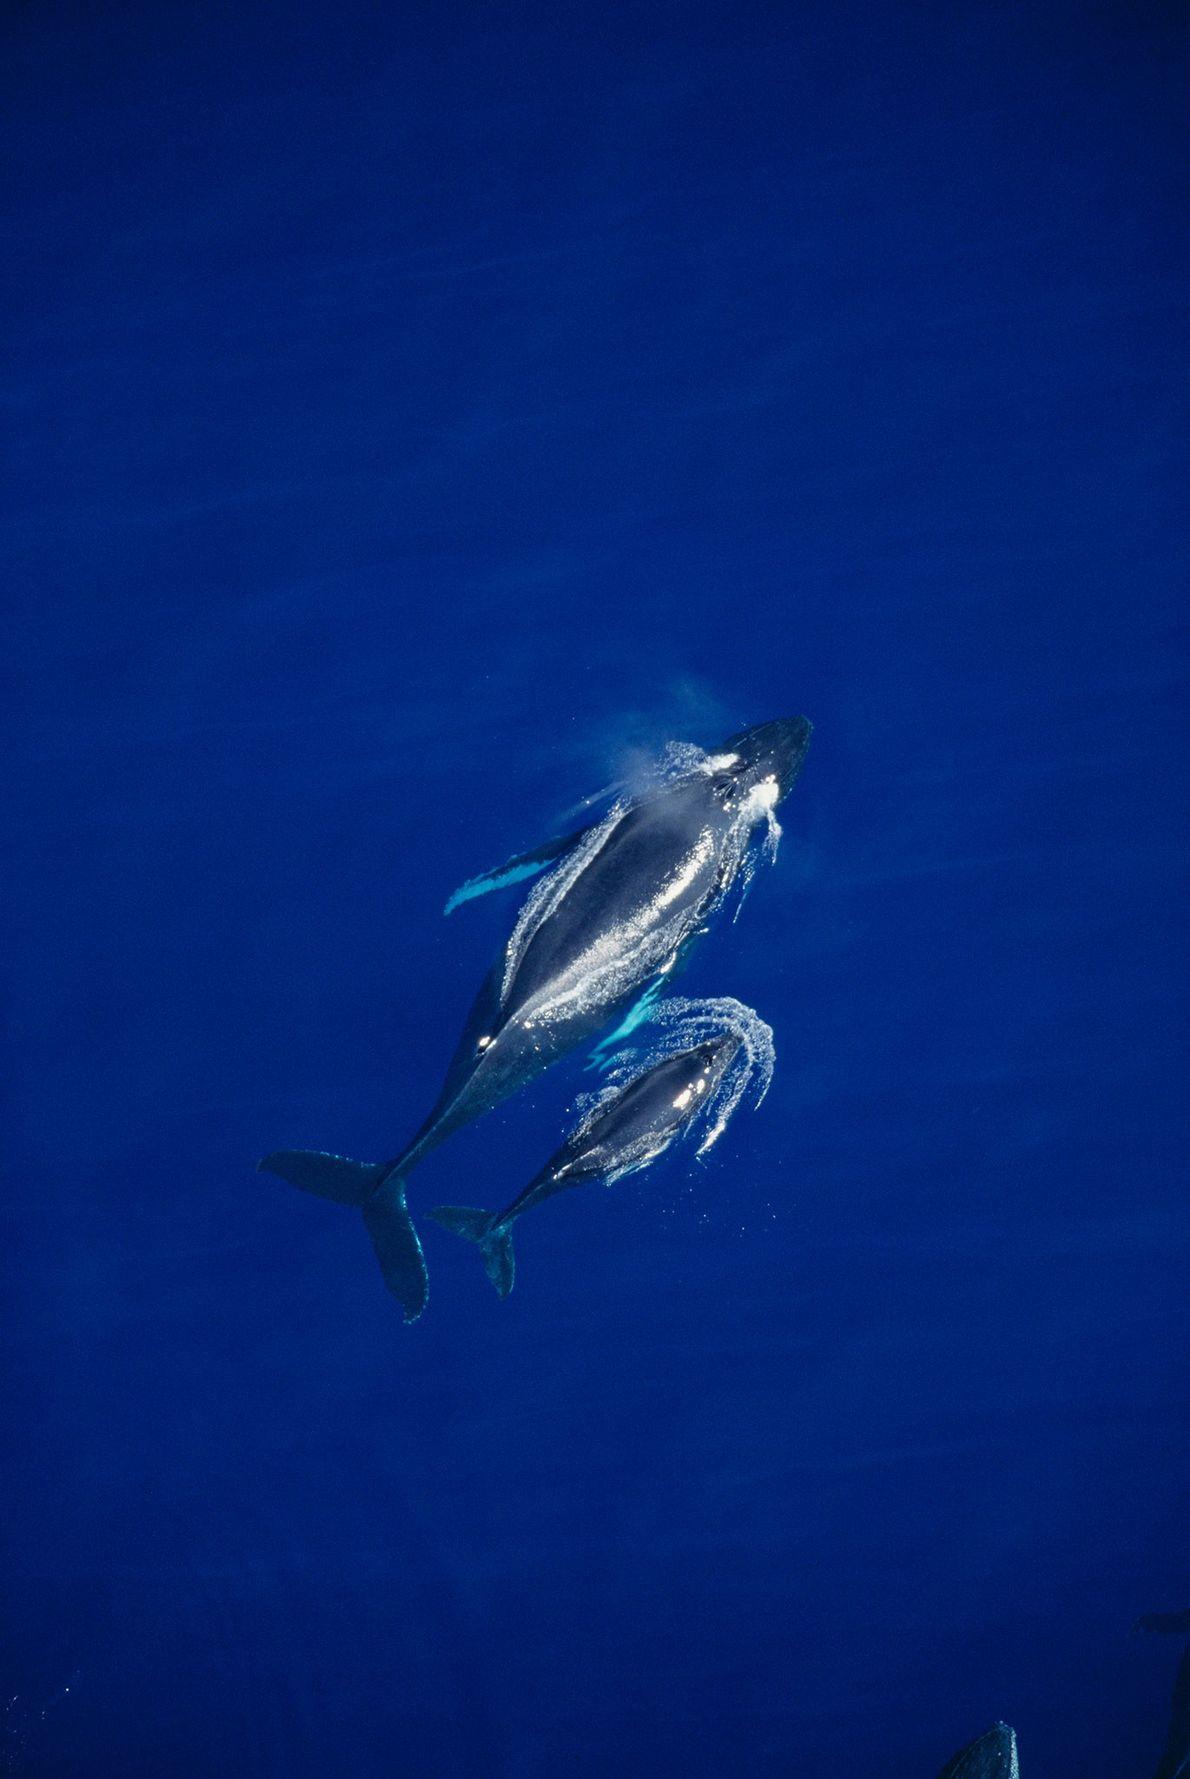 Dos ballenas nadan juntas cerca de Maui, Hawai.